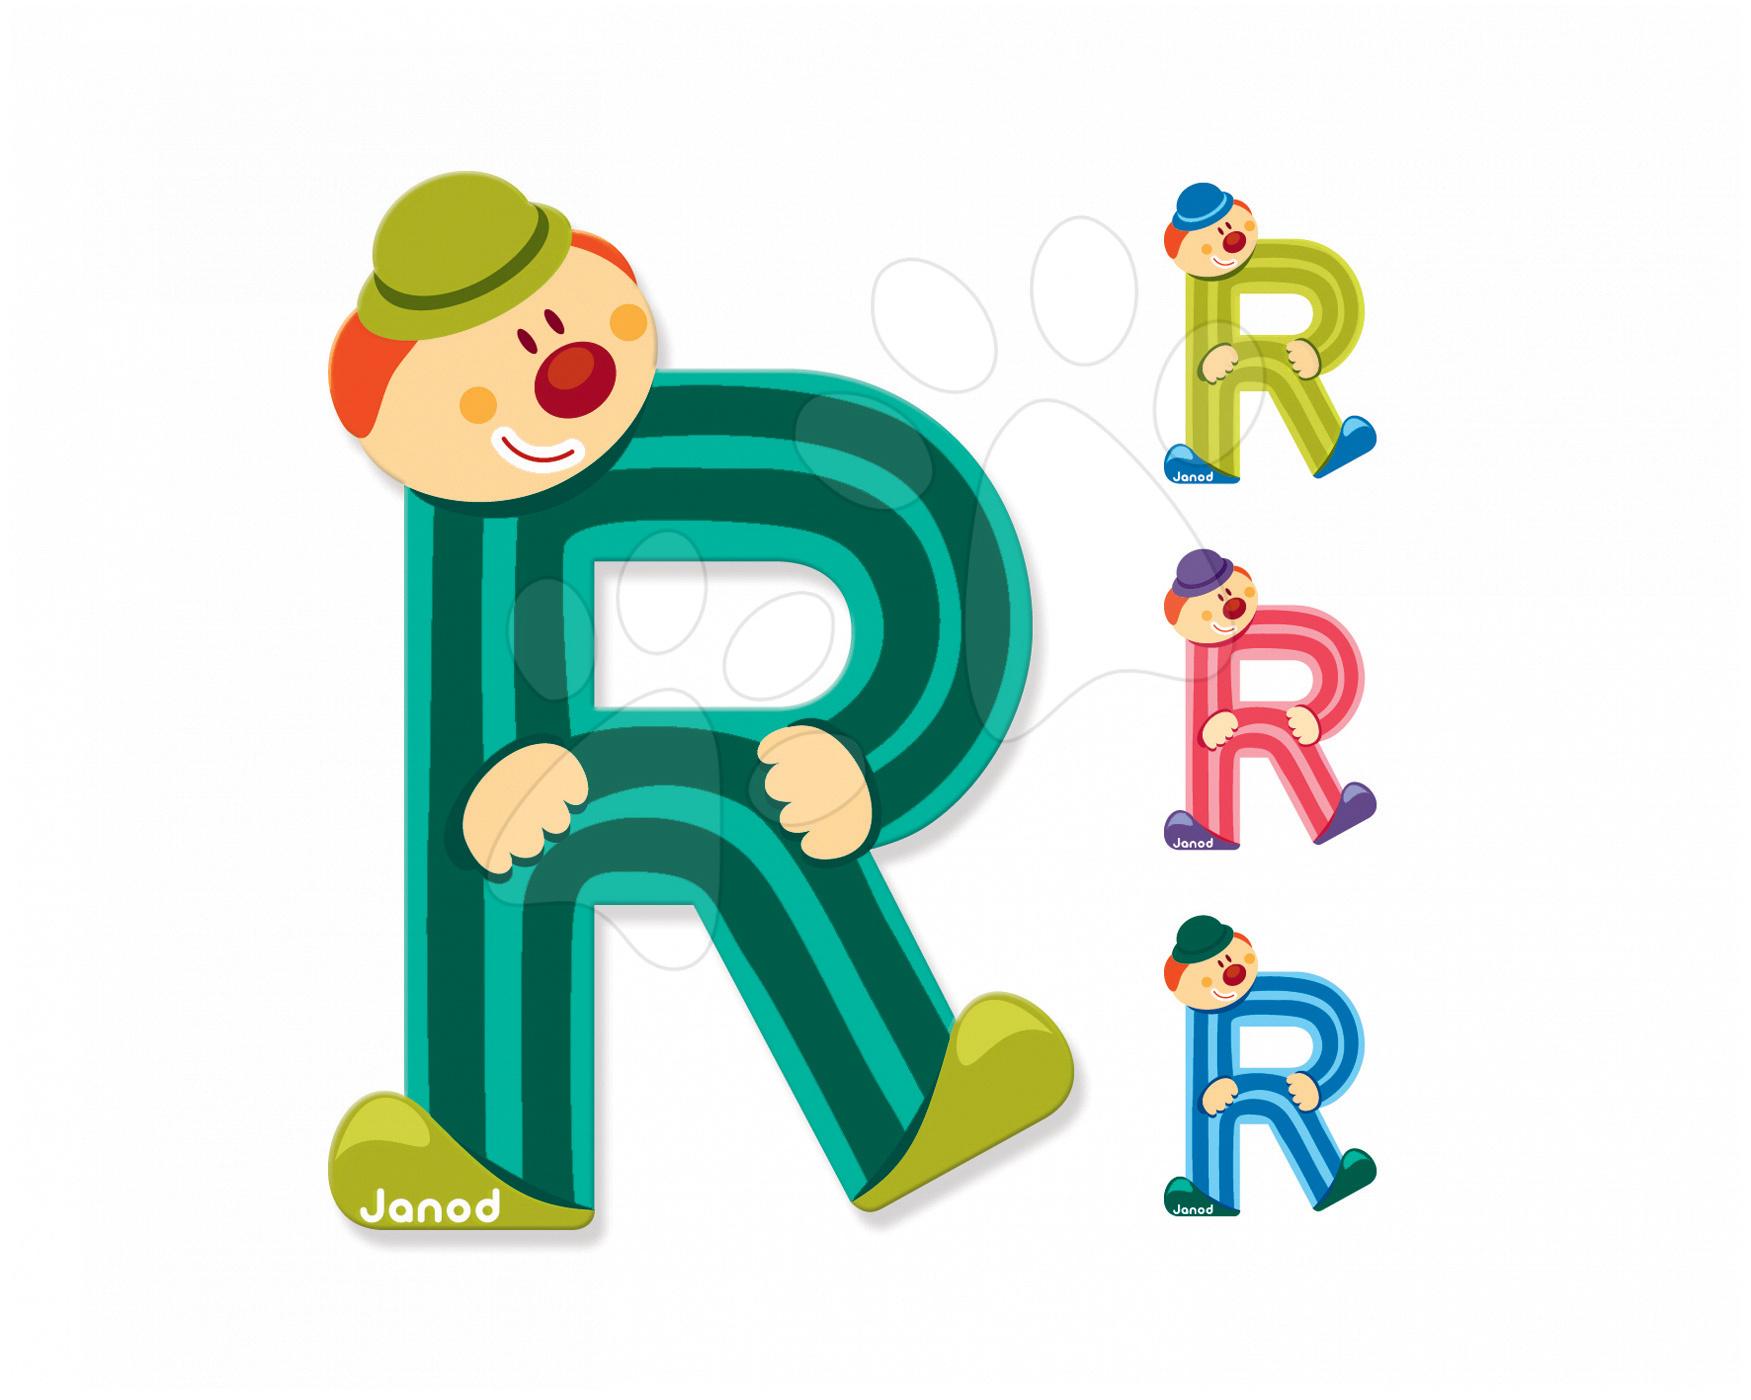 Dekorácie do detských izieb - Drevené písmeno R Clown Letter Janod lepiace 9 cm svetlozelené/tmavozelené/modré/ružové od 3 rokov